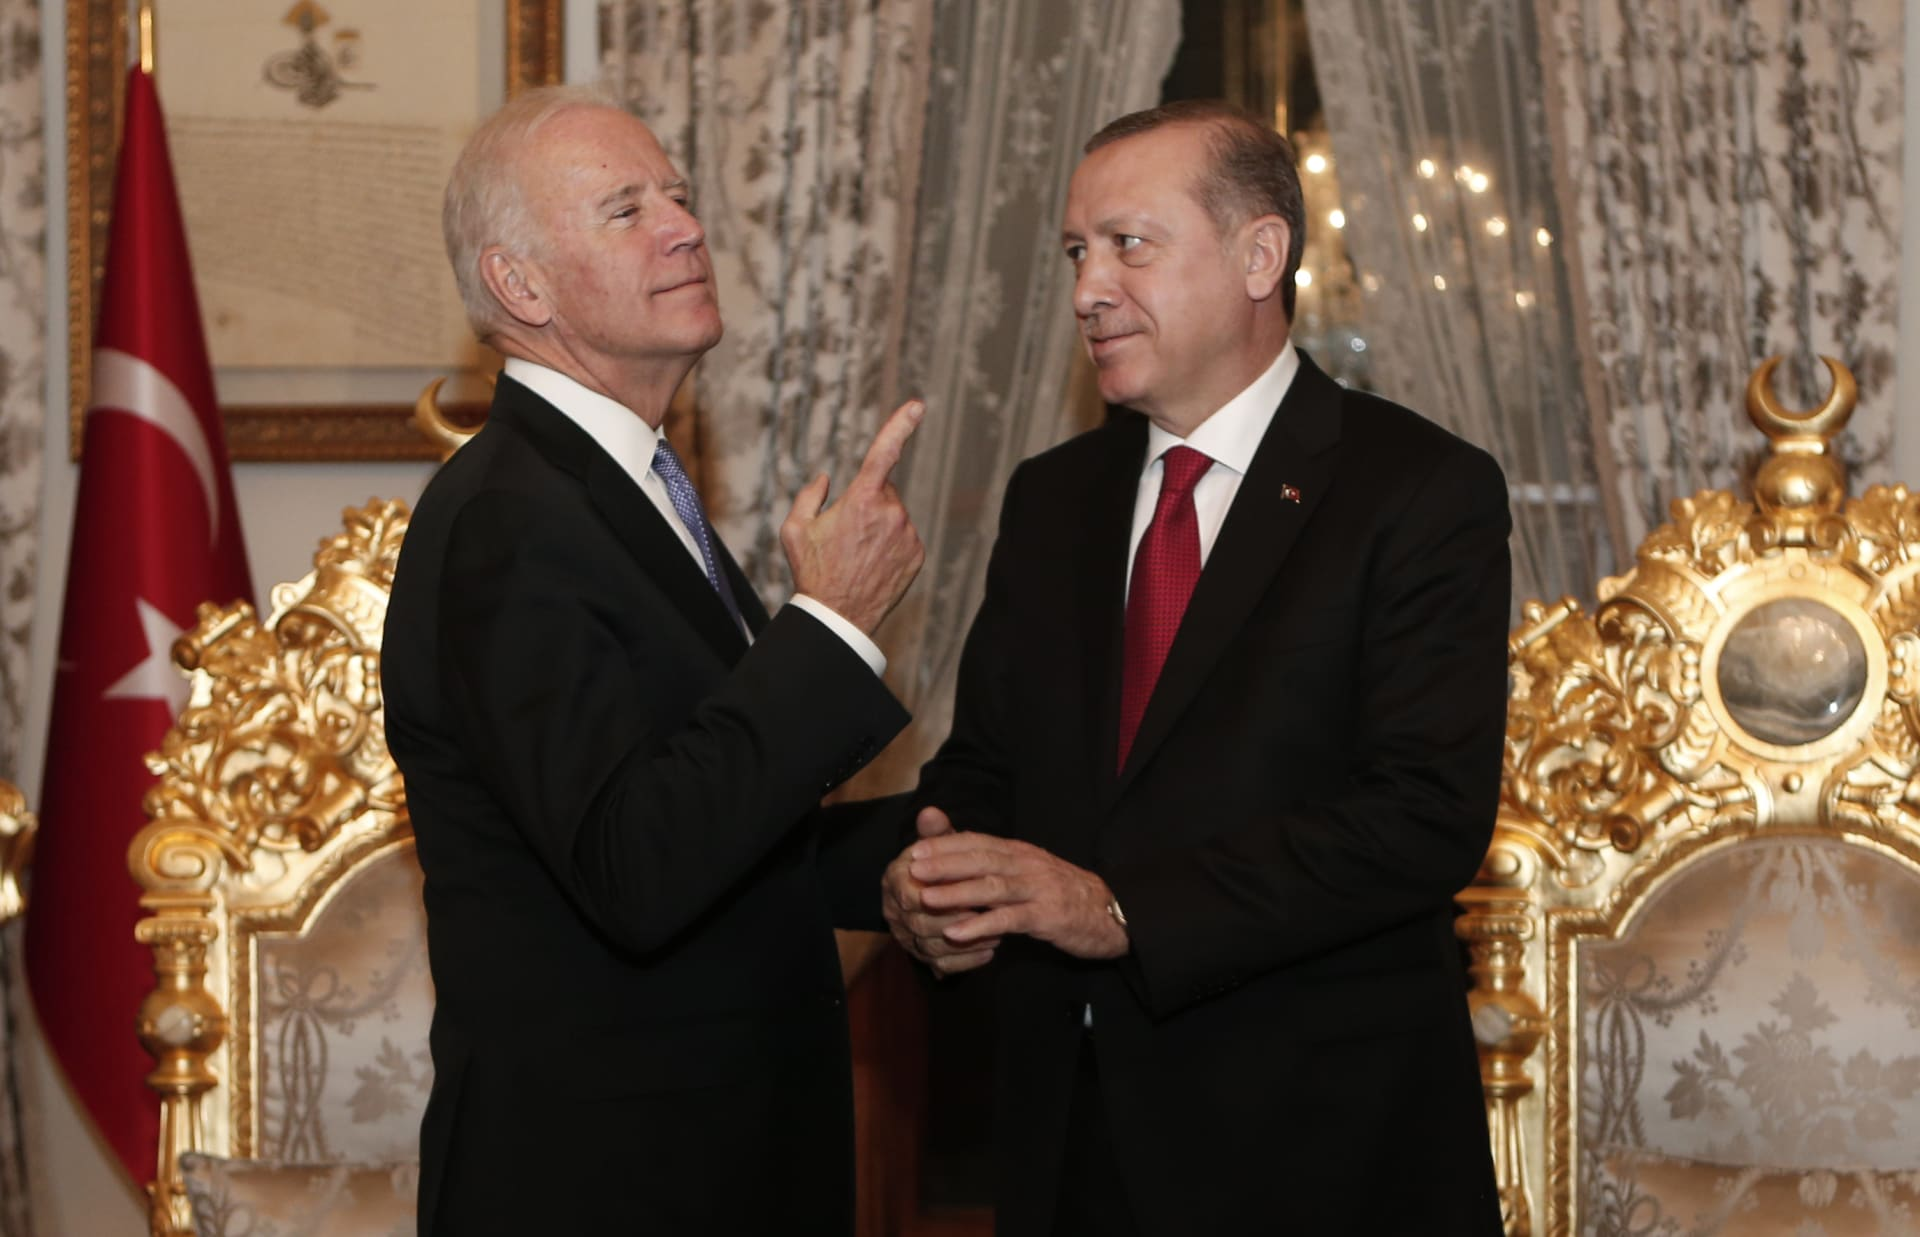 صورة أرشيفية من لقاء بين أردوغان وبايدن عام 2016